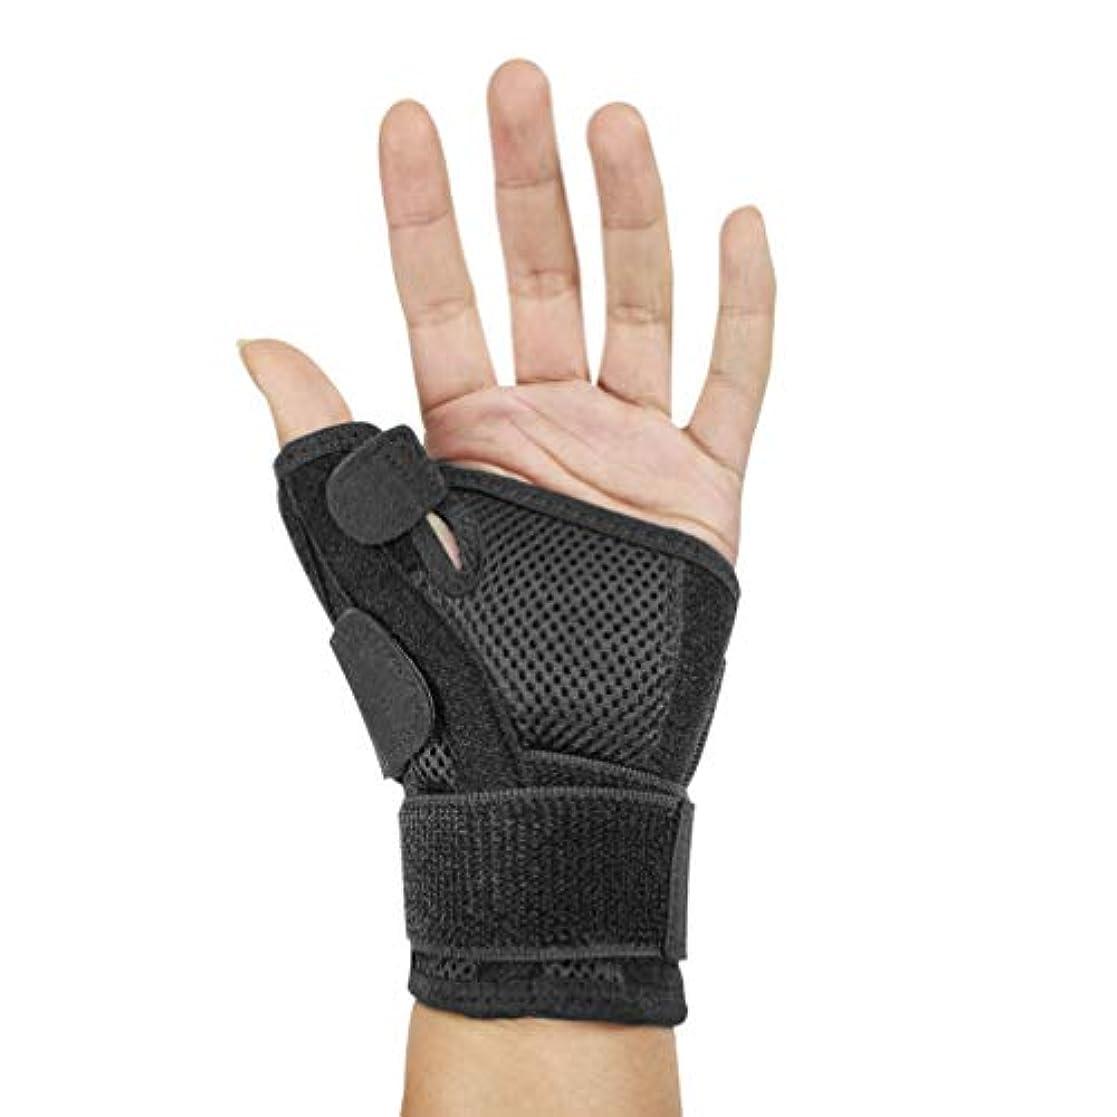 敬ぴったりロック解除Healifty 手首用サポーター 手首固定 調節可能 スポーツ 手首サポート 女性 男性